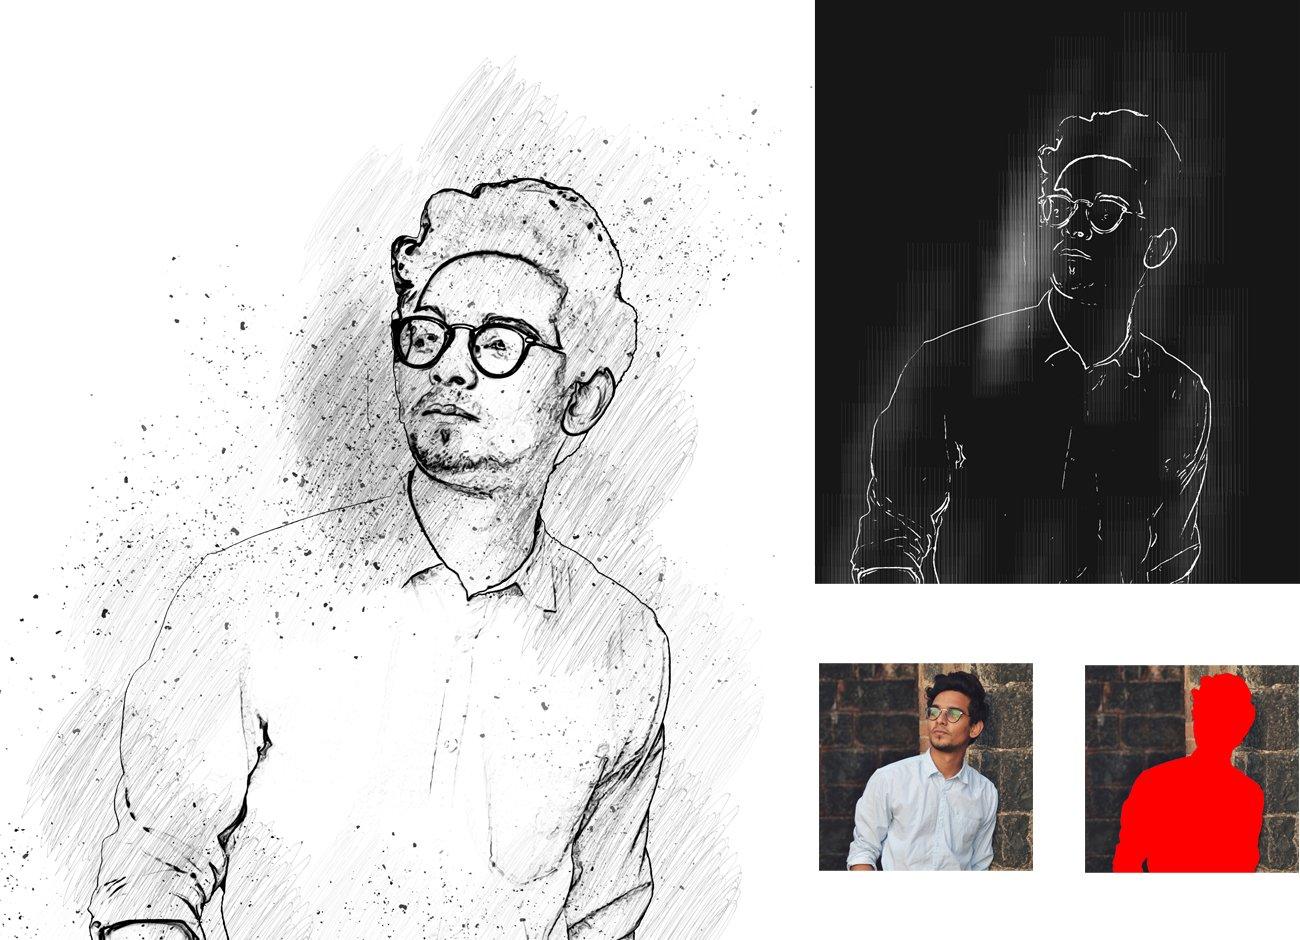 黑白素描艺术画效果照片处理特效PS动作素材 Black & White Sketch PS Action插图7